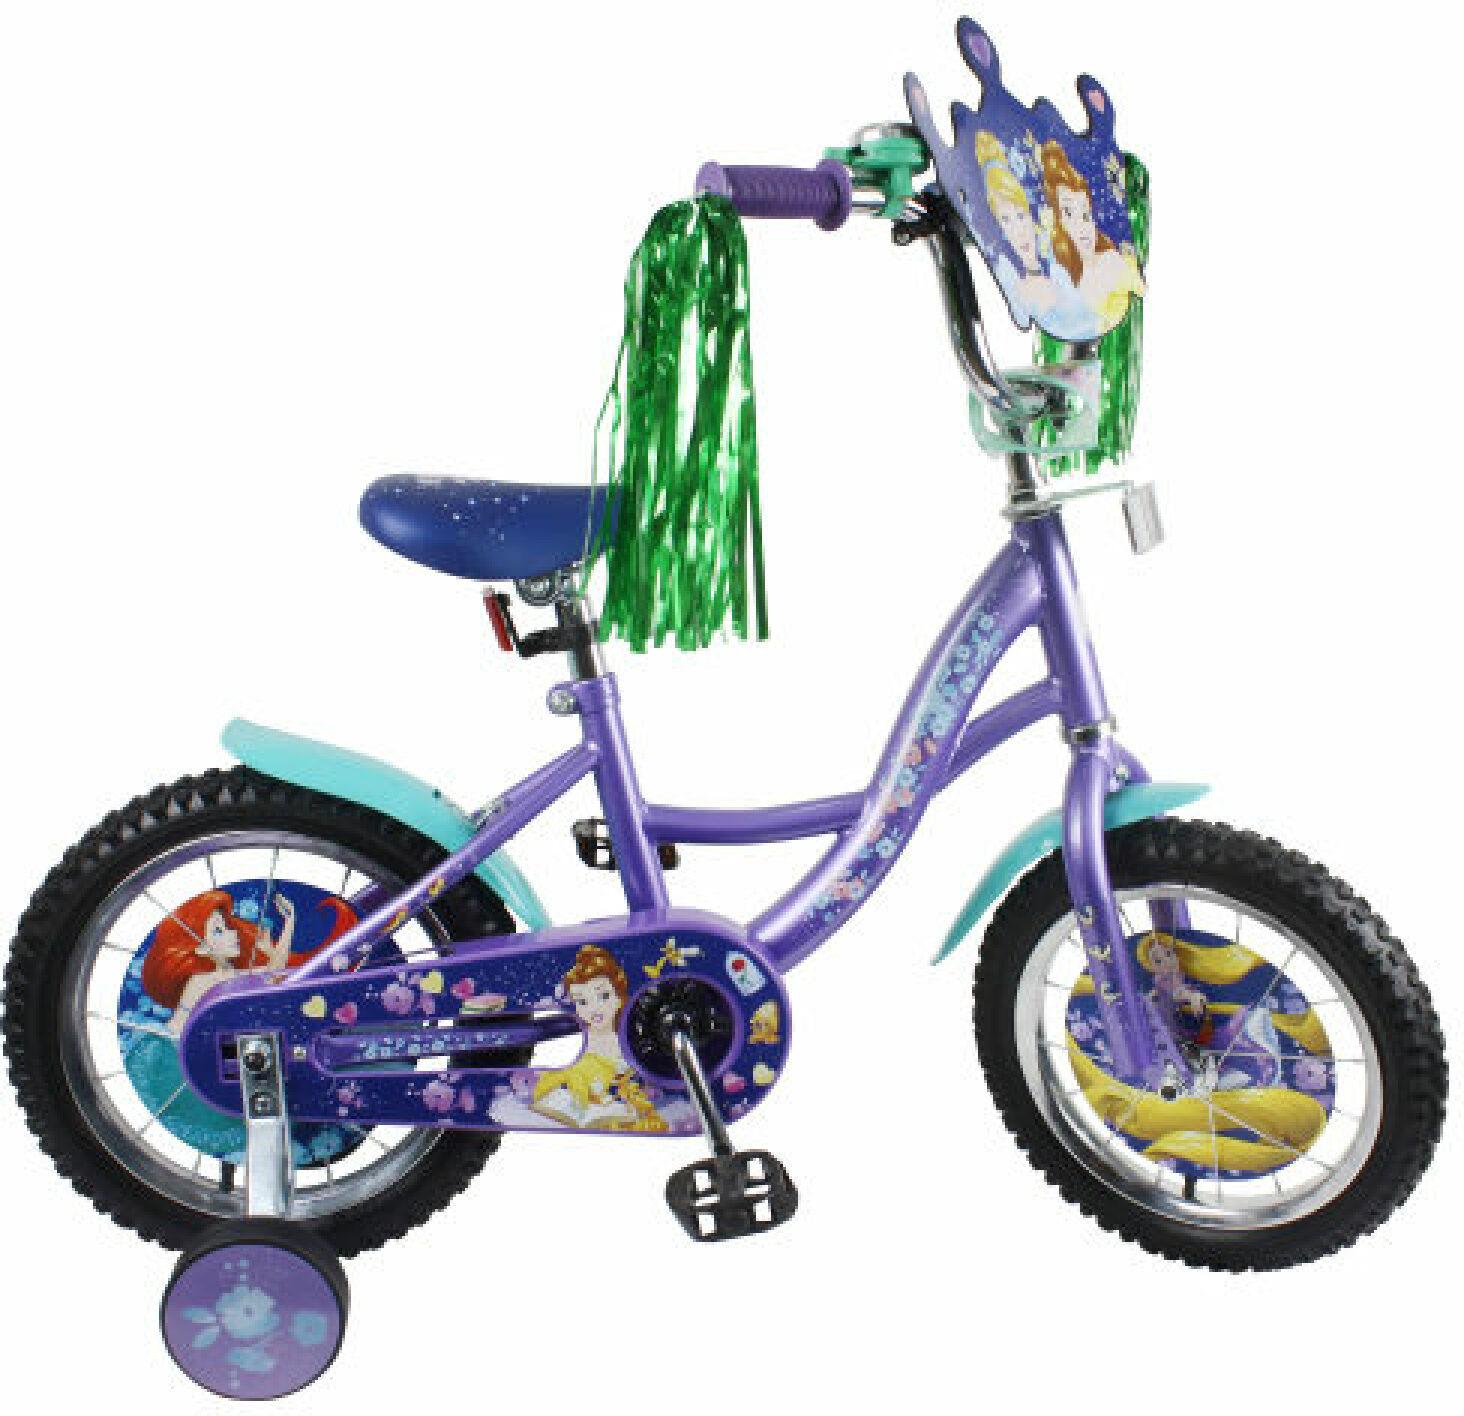 Велосипед детский Disney Принцессы, ВН14165, разноцветный, колесо 14